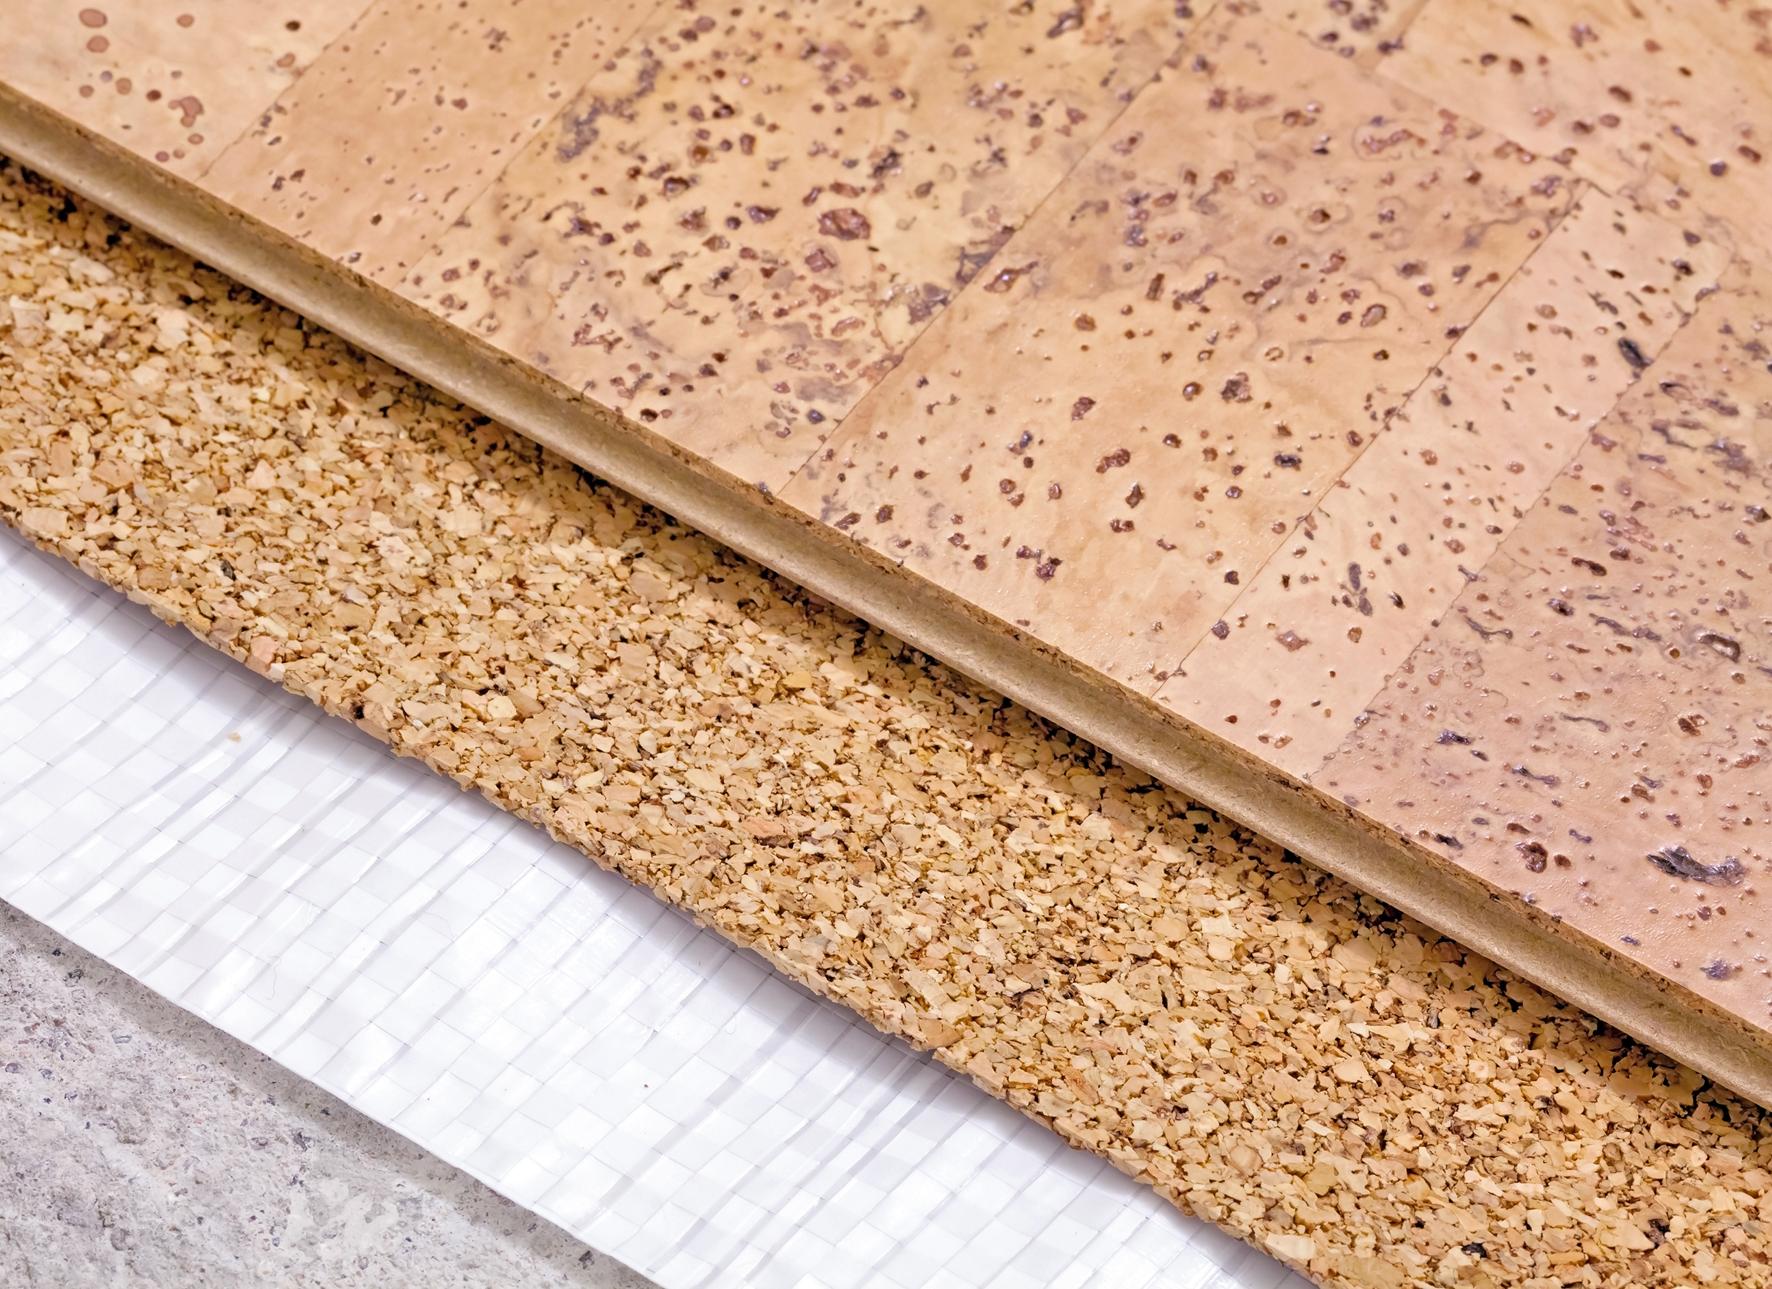 Nalakovaný korek ošetříme nejlépe jen vlhkým mopem nebo použijeme speciální přípravky.